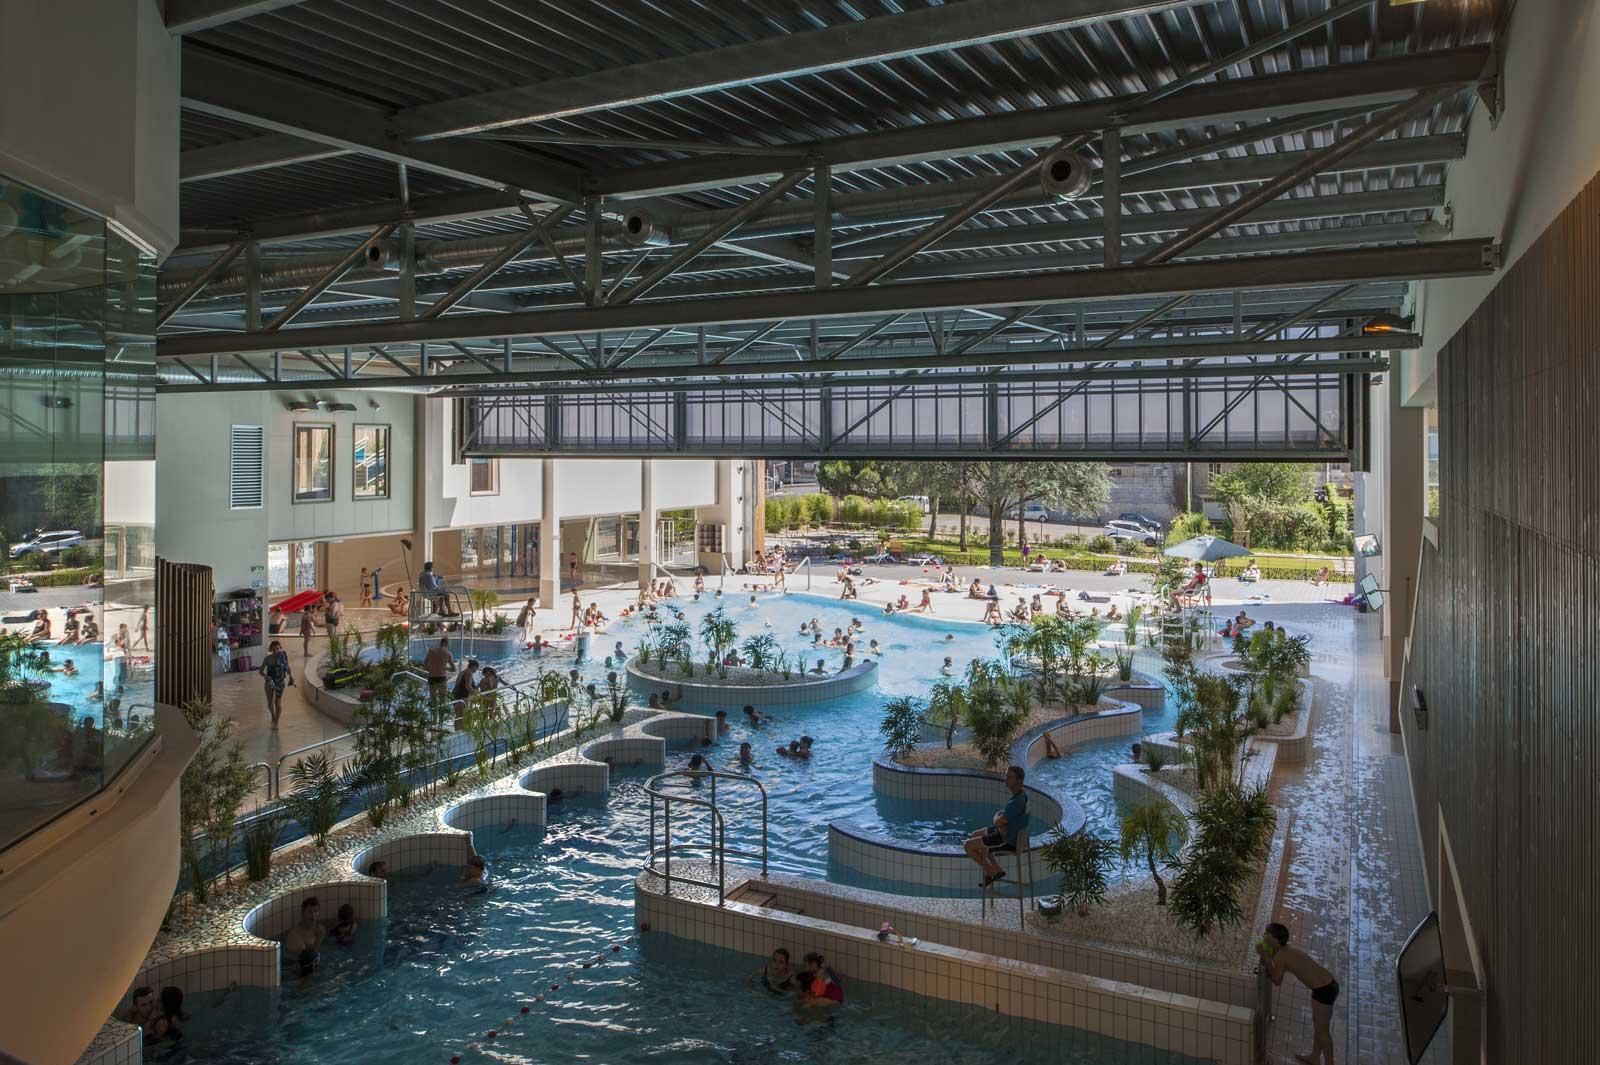 La Piscine - Espace Aquatique - Ville De Brive tout Horaire Piscine Brive